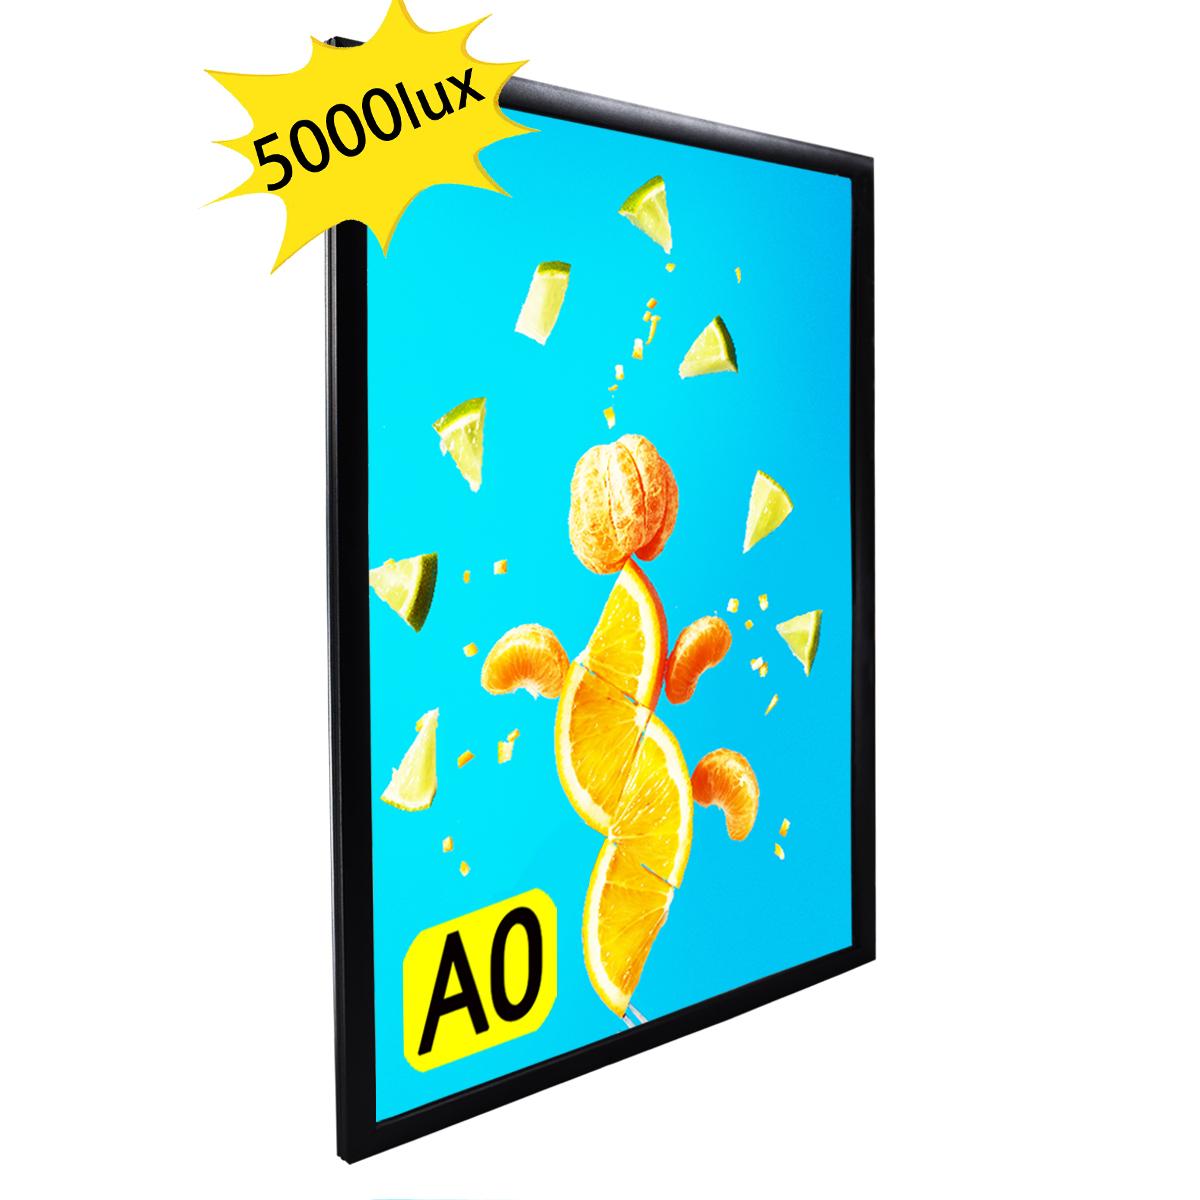 LEDライトパネル 屋内用 店舗用看板 壁掛け看板 四辺開閉式 高輝度 LED看板 黒色 A0サイズ OKH20-A0-BK